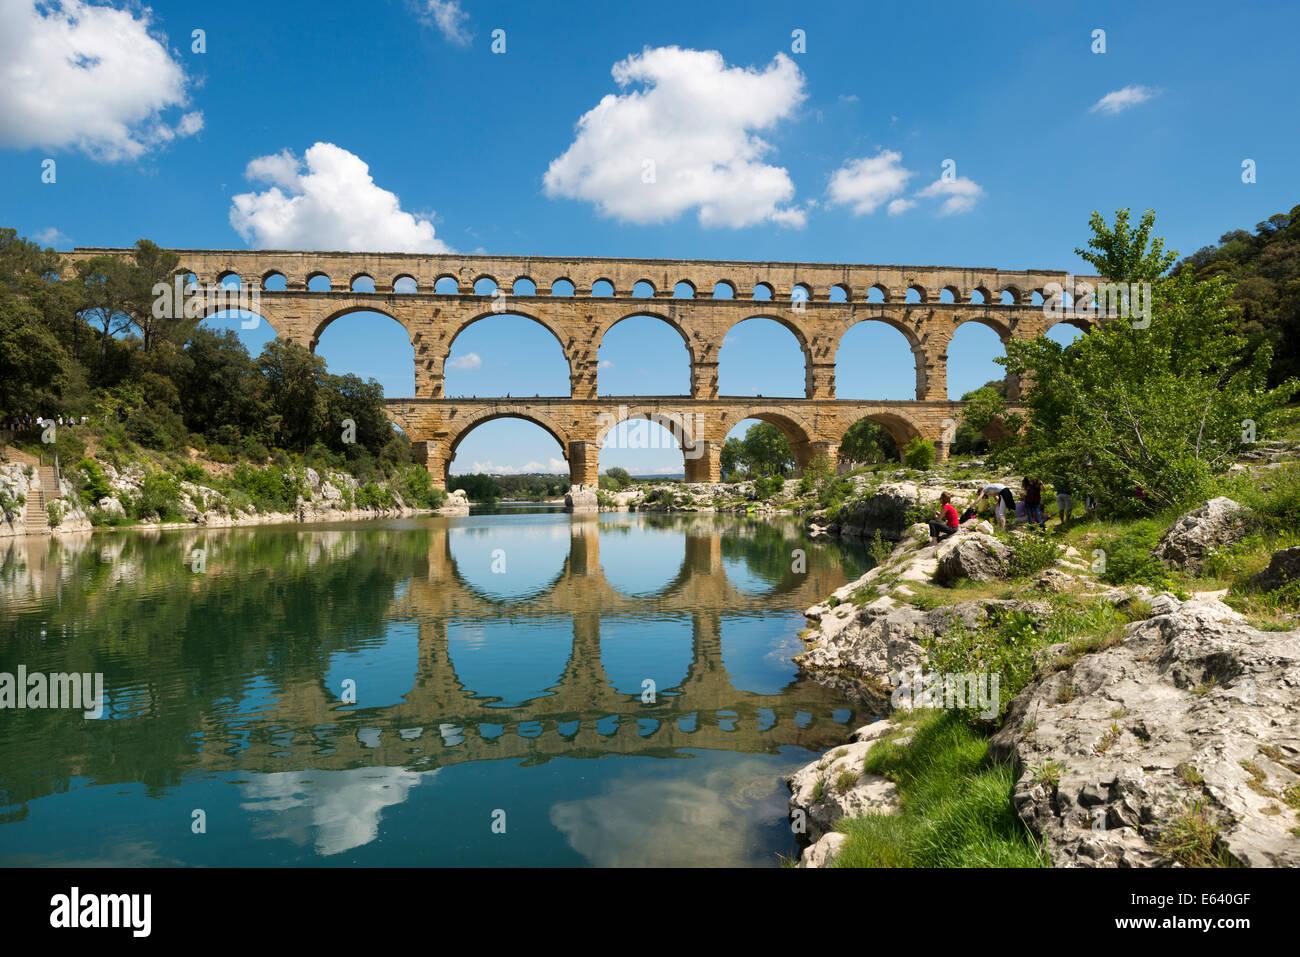 Pont du Gard, Roman aqueduct, UNESCO World Heritage Site, over the Gardon River, Vers-Pont-du-Gard, Département - Stock Image